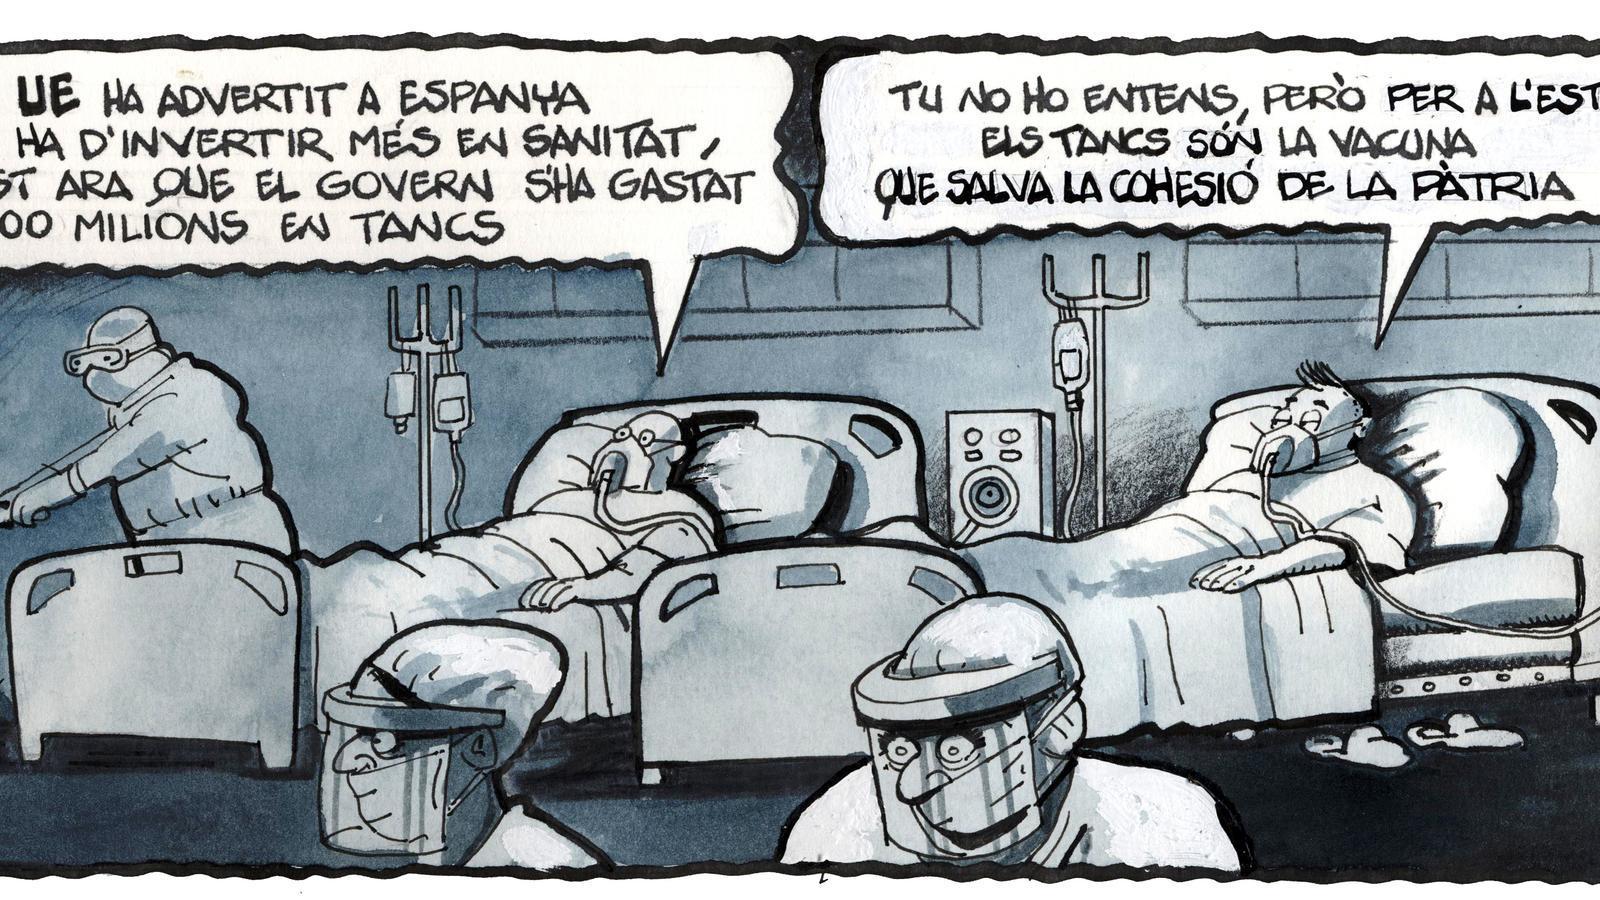 'A la contra', per Ferreres 06/06/2020